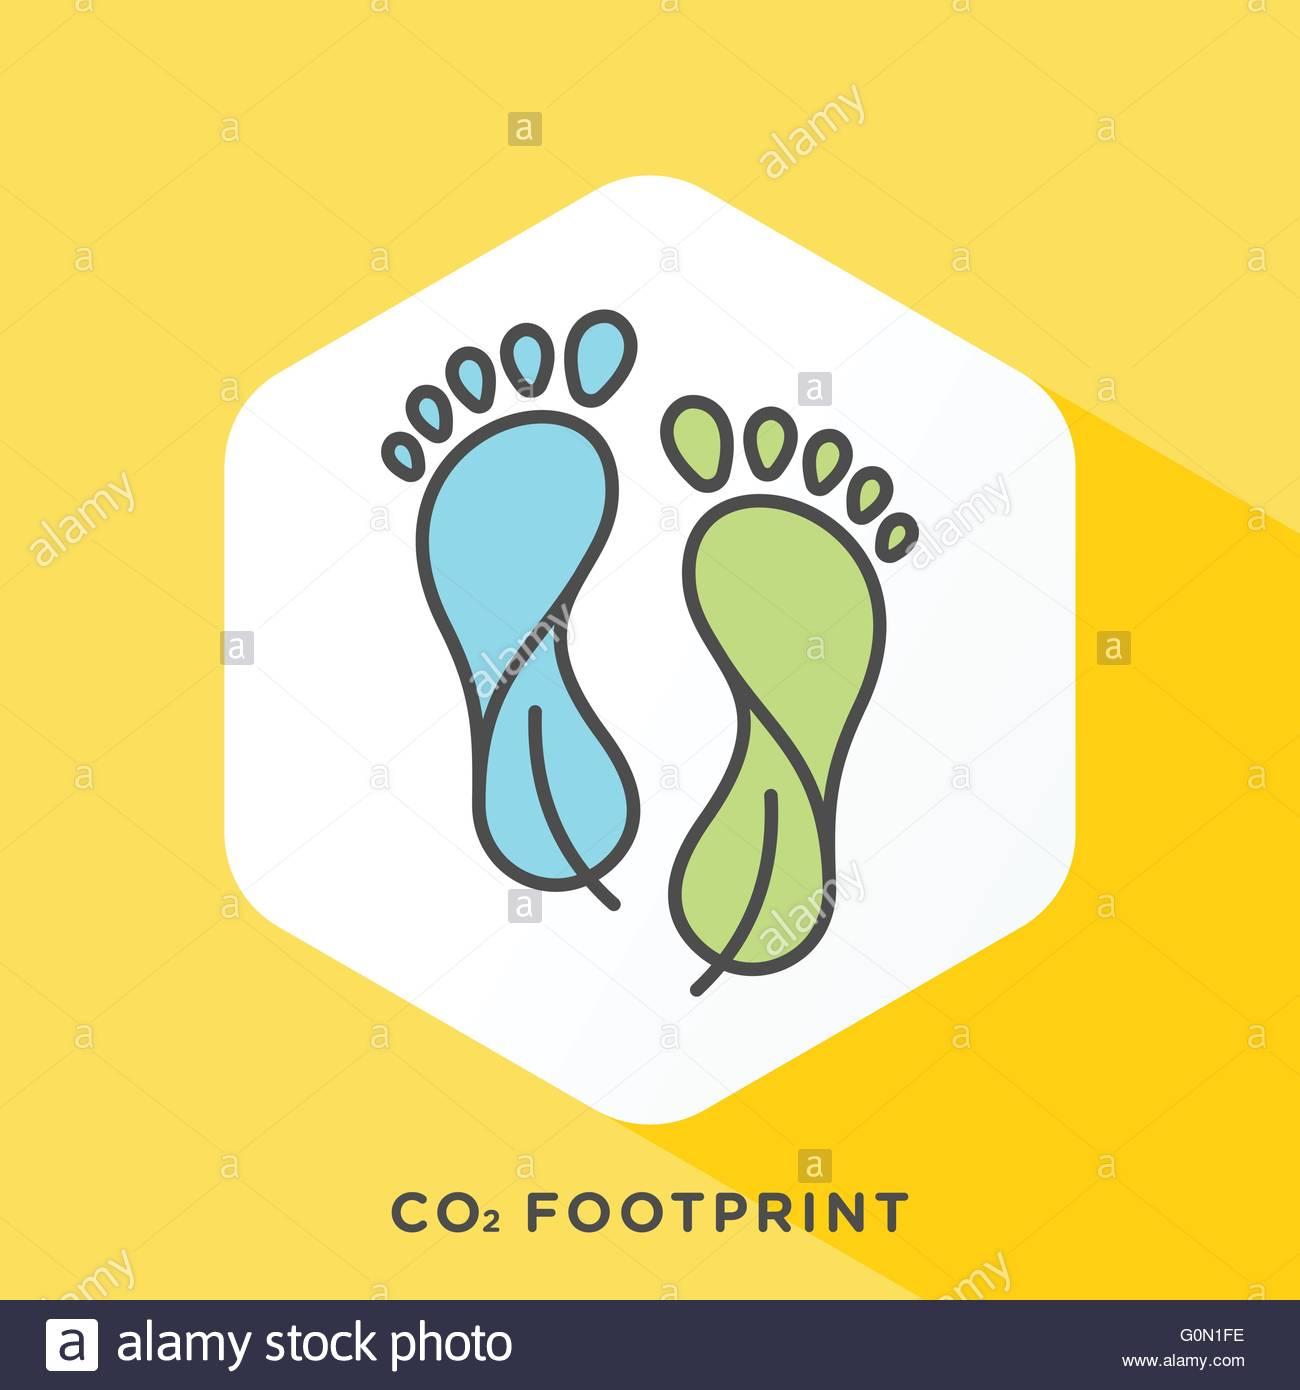 Style moderne et épuré vector illustration pour la compensation carbone, la réduction de l'empreinte Photo Stock